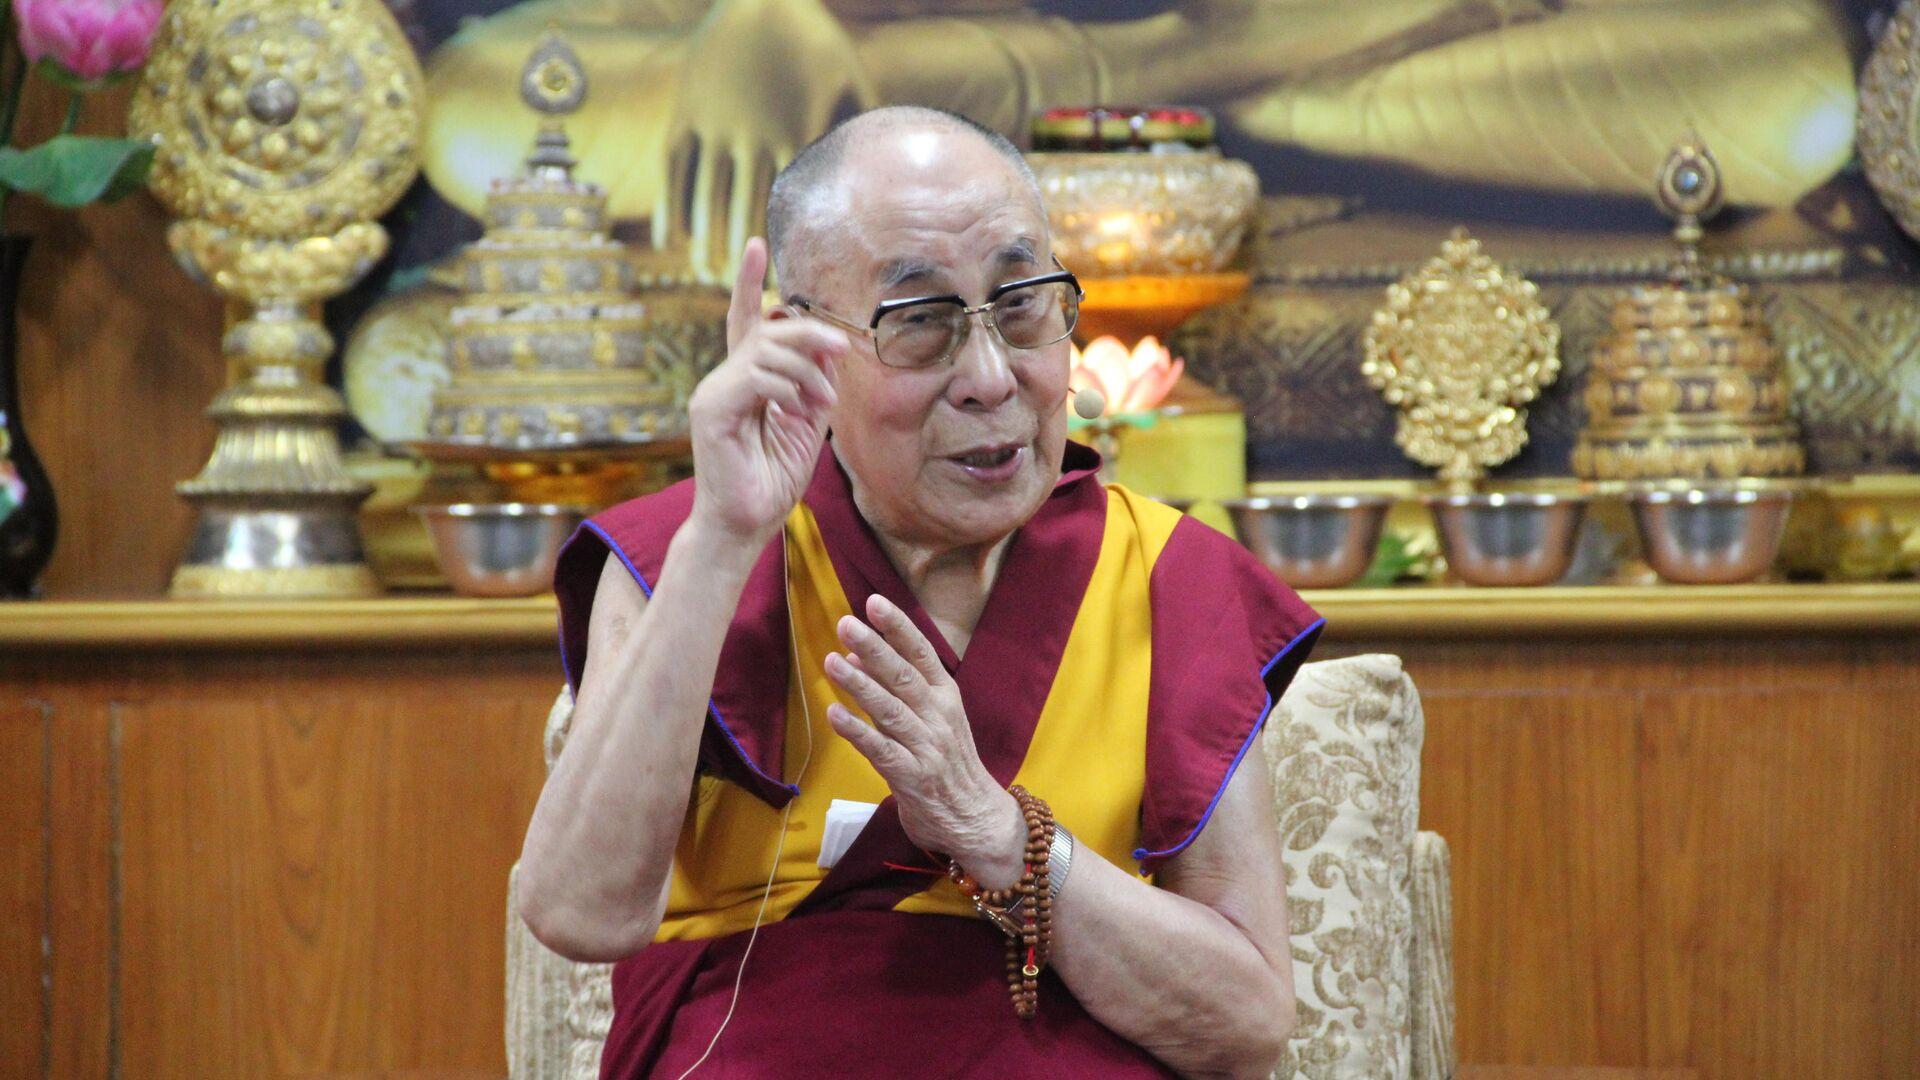 Далай-лама на Международной конференции Образование человека в 3-м тысячелетии с философами образования и педагогами в его резиденции в Дхарамсале - РИА Новости, 1920, 29.03.2021